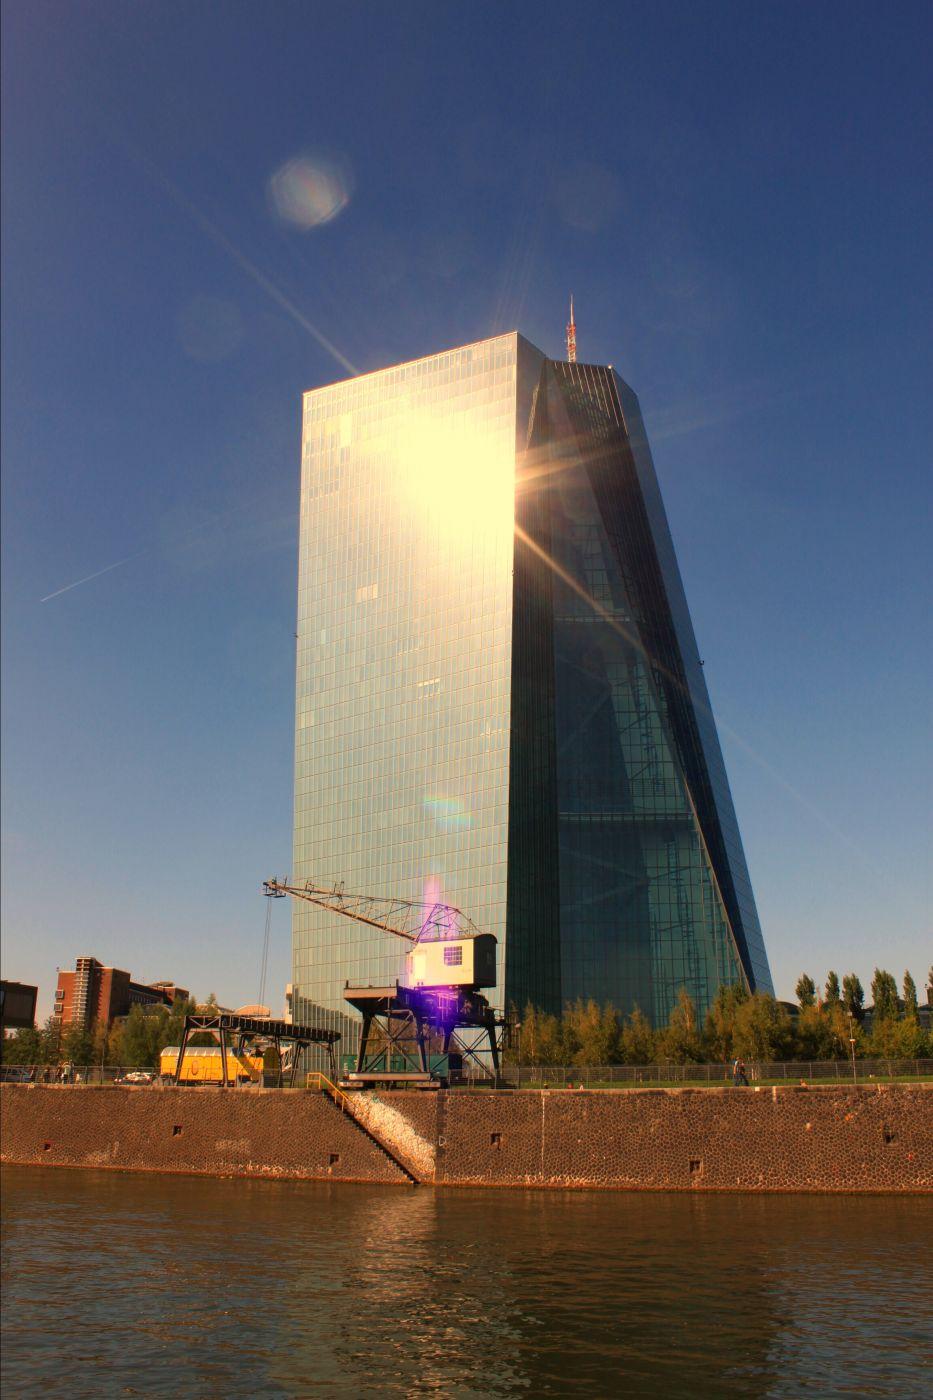 Europäische Zentralbank, Frankfurt, Germany